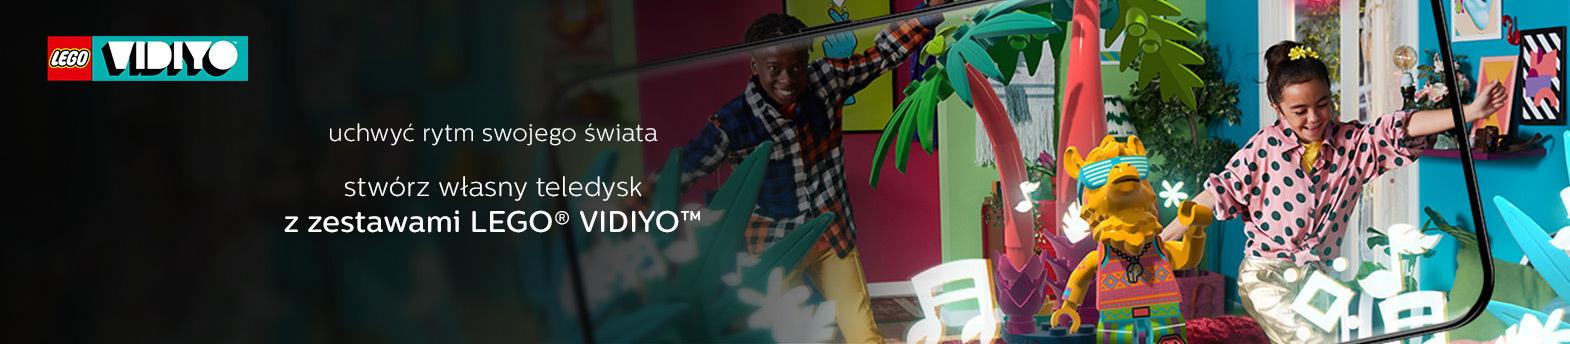 LEGO® Vidiyo™ - muzyczna nowość